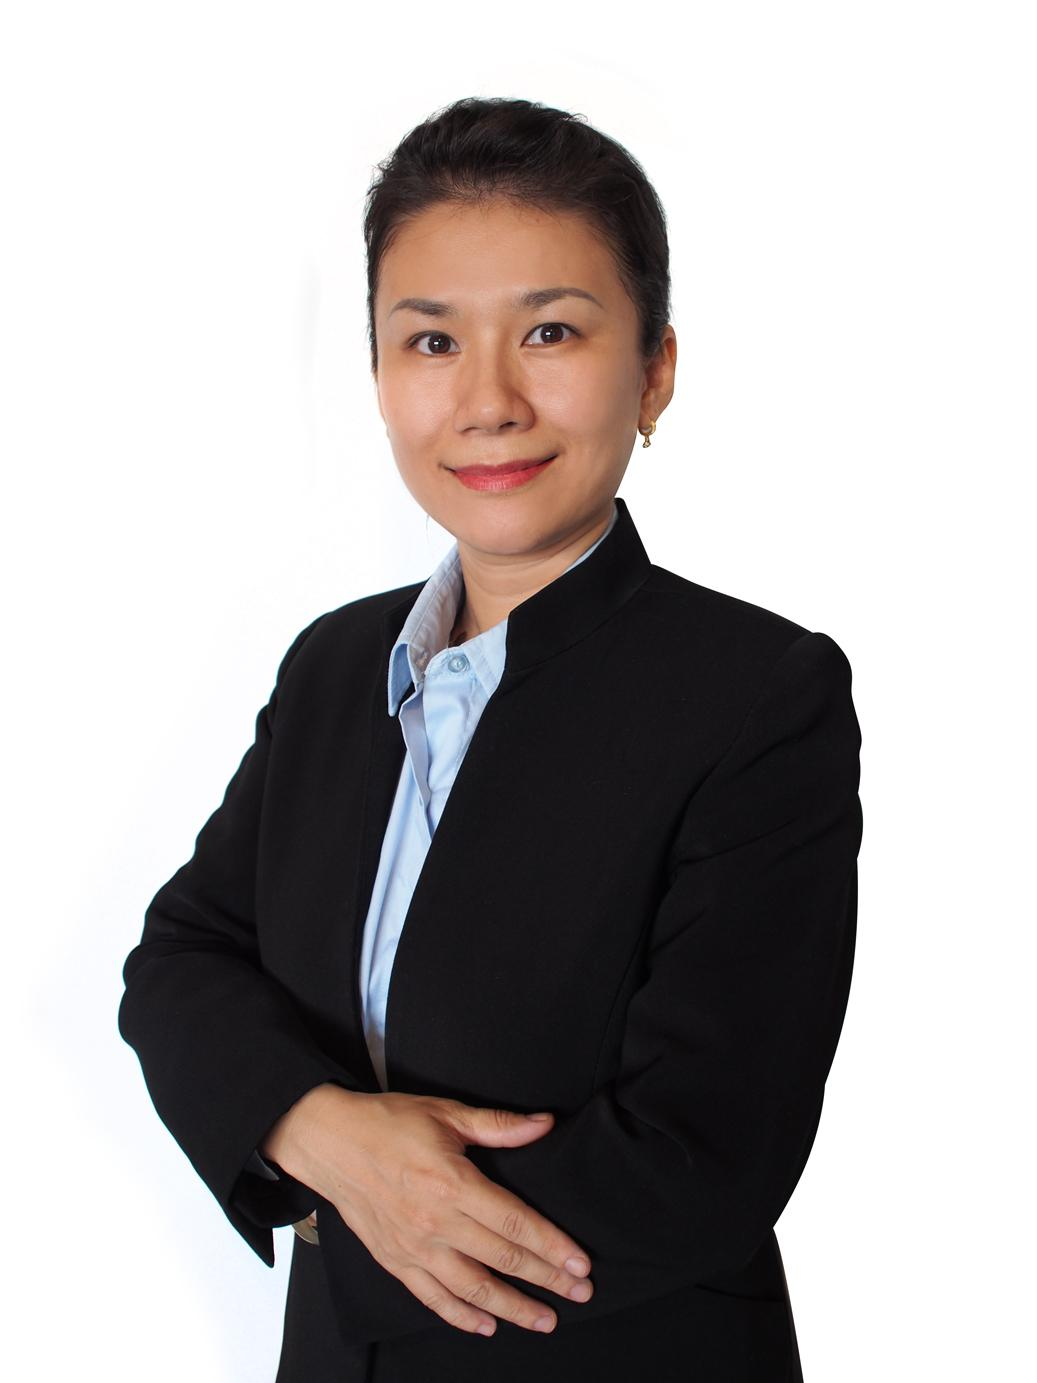 Hoang Phuong Linh